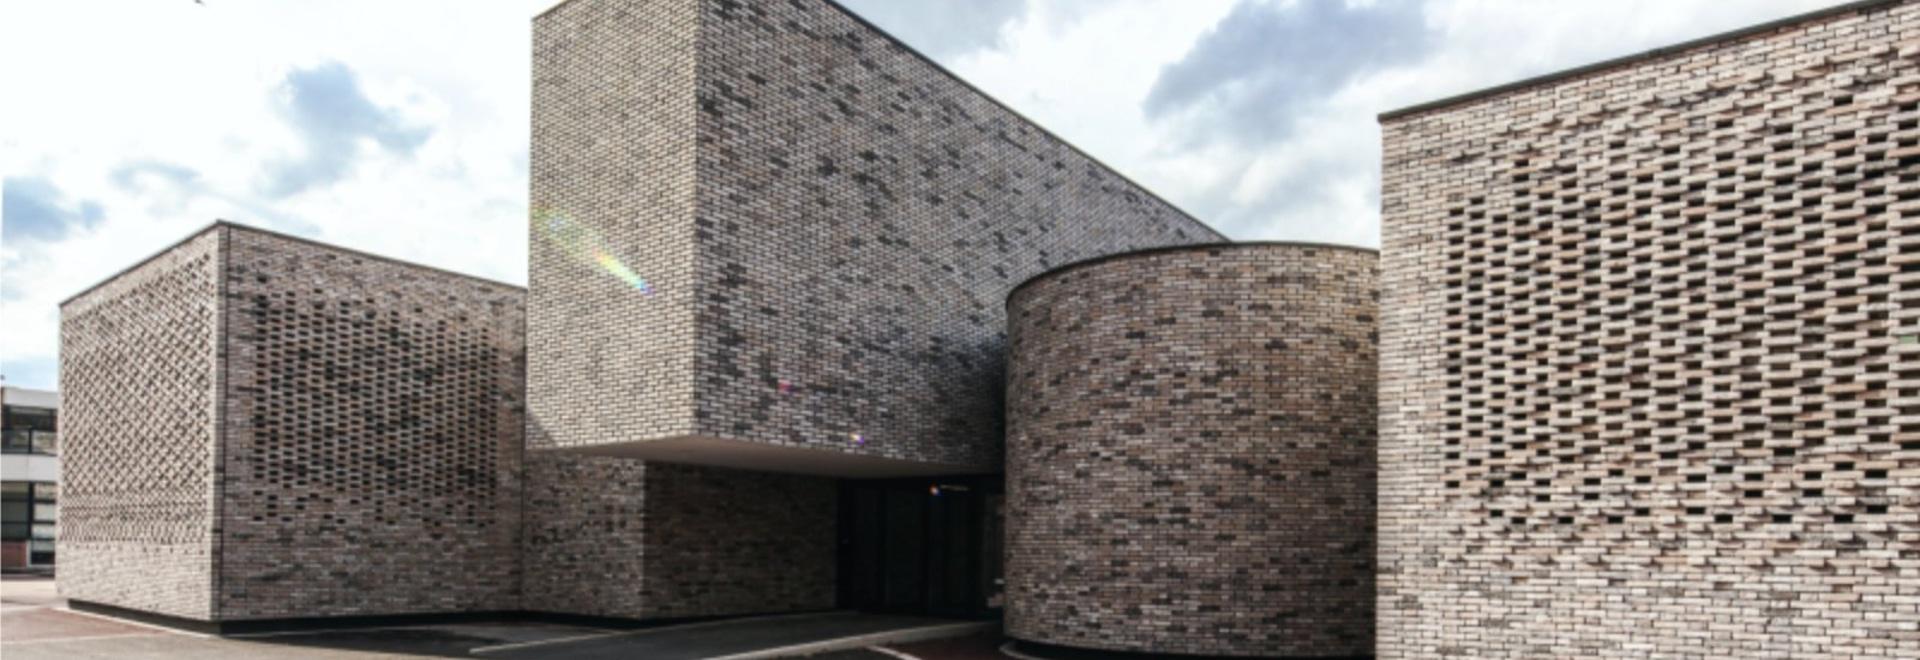 Ecole de musique d'Elancourt par OPUS 5 Architectes